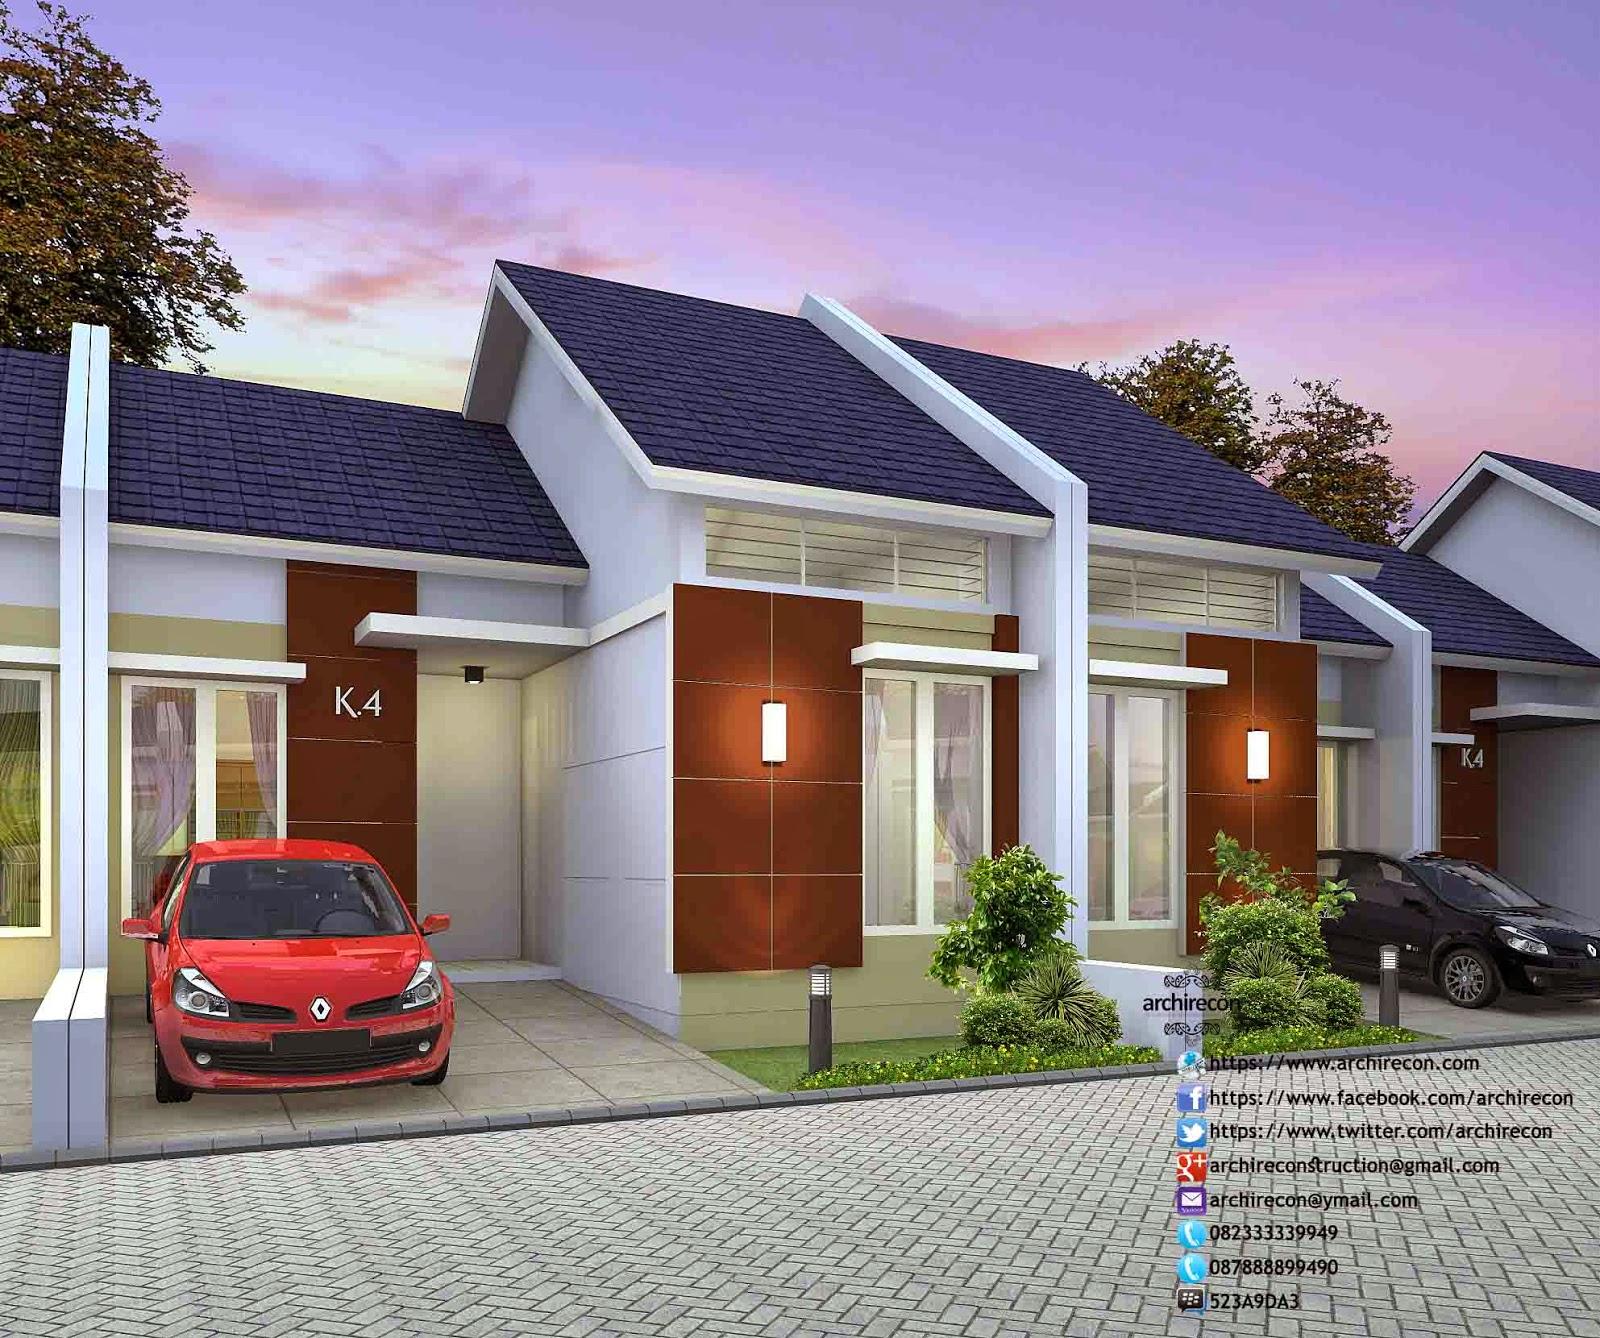 Desain Rumah Minimalis Perumahan Griya Mas Sidoarjo - 3D Tampak Type 45